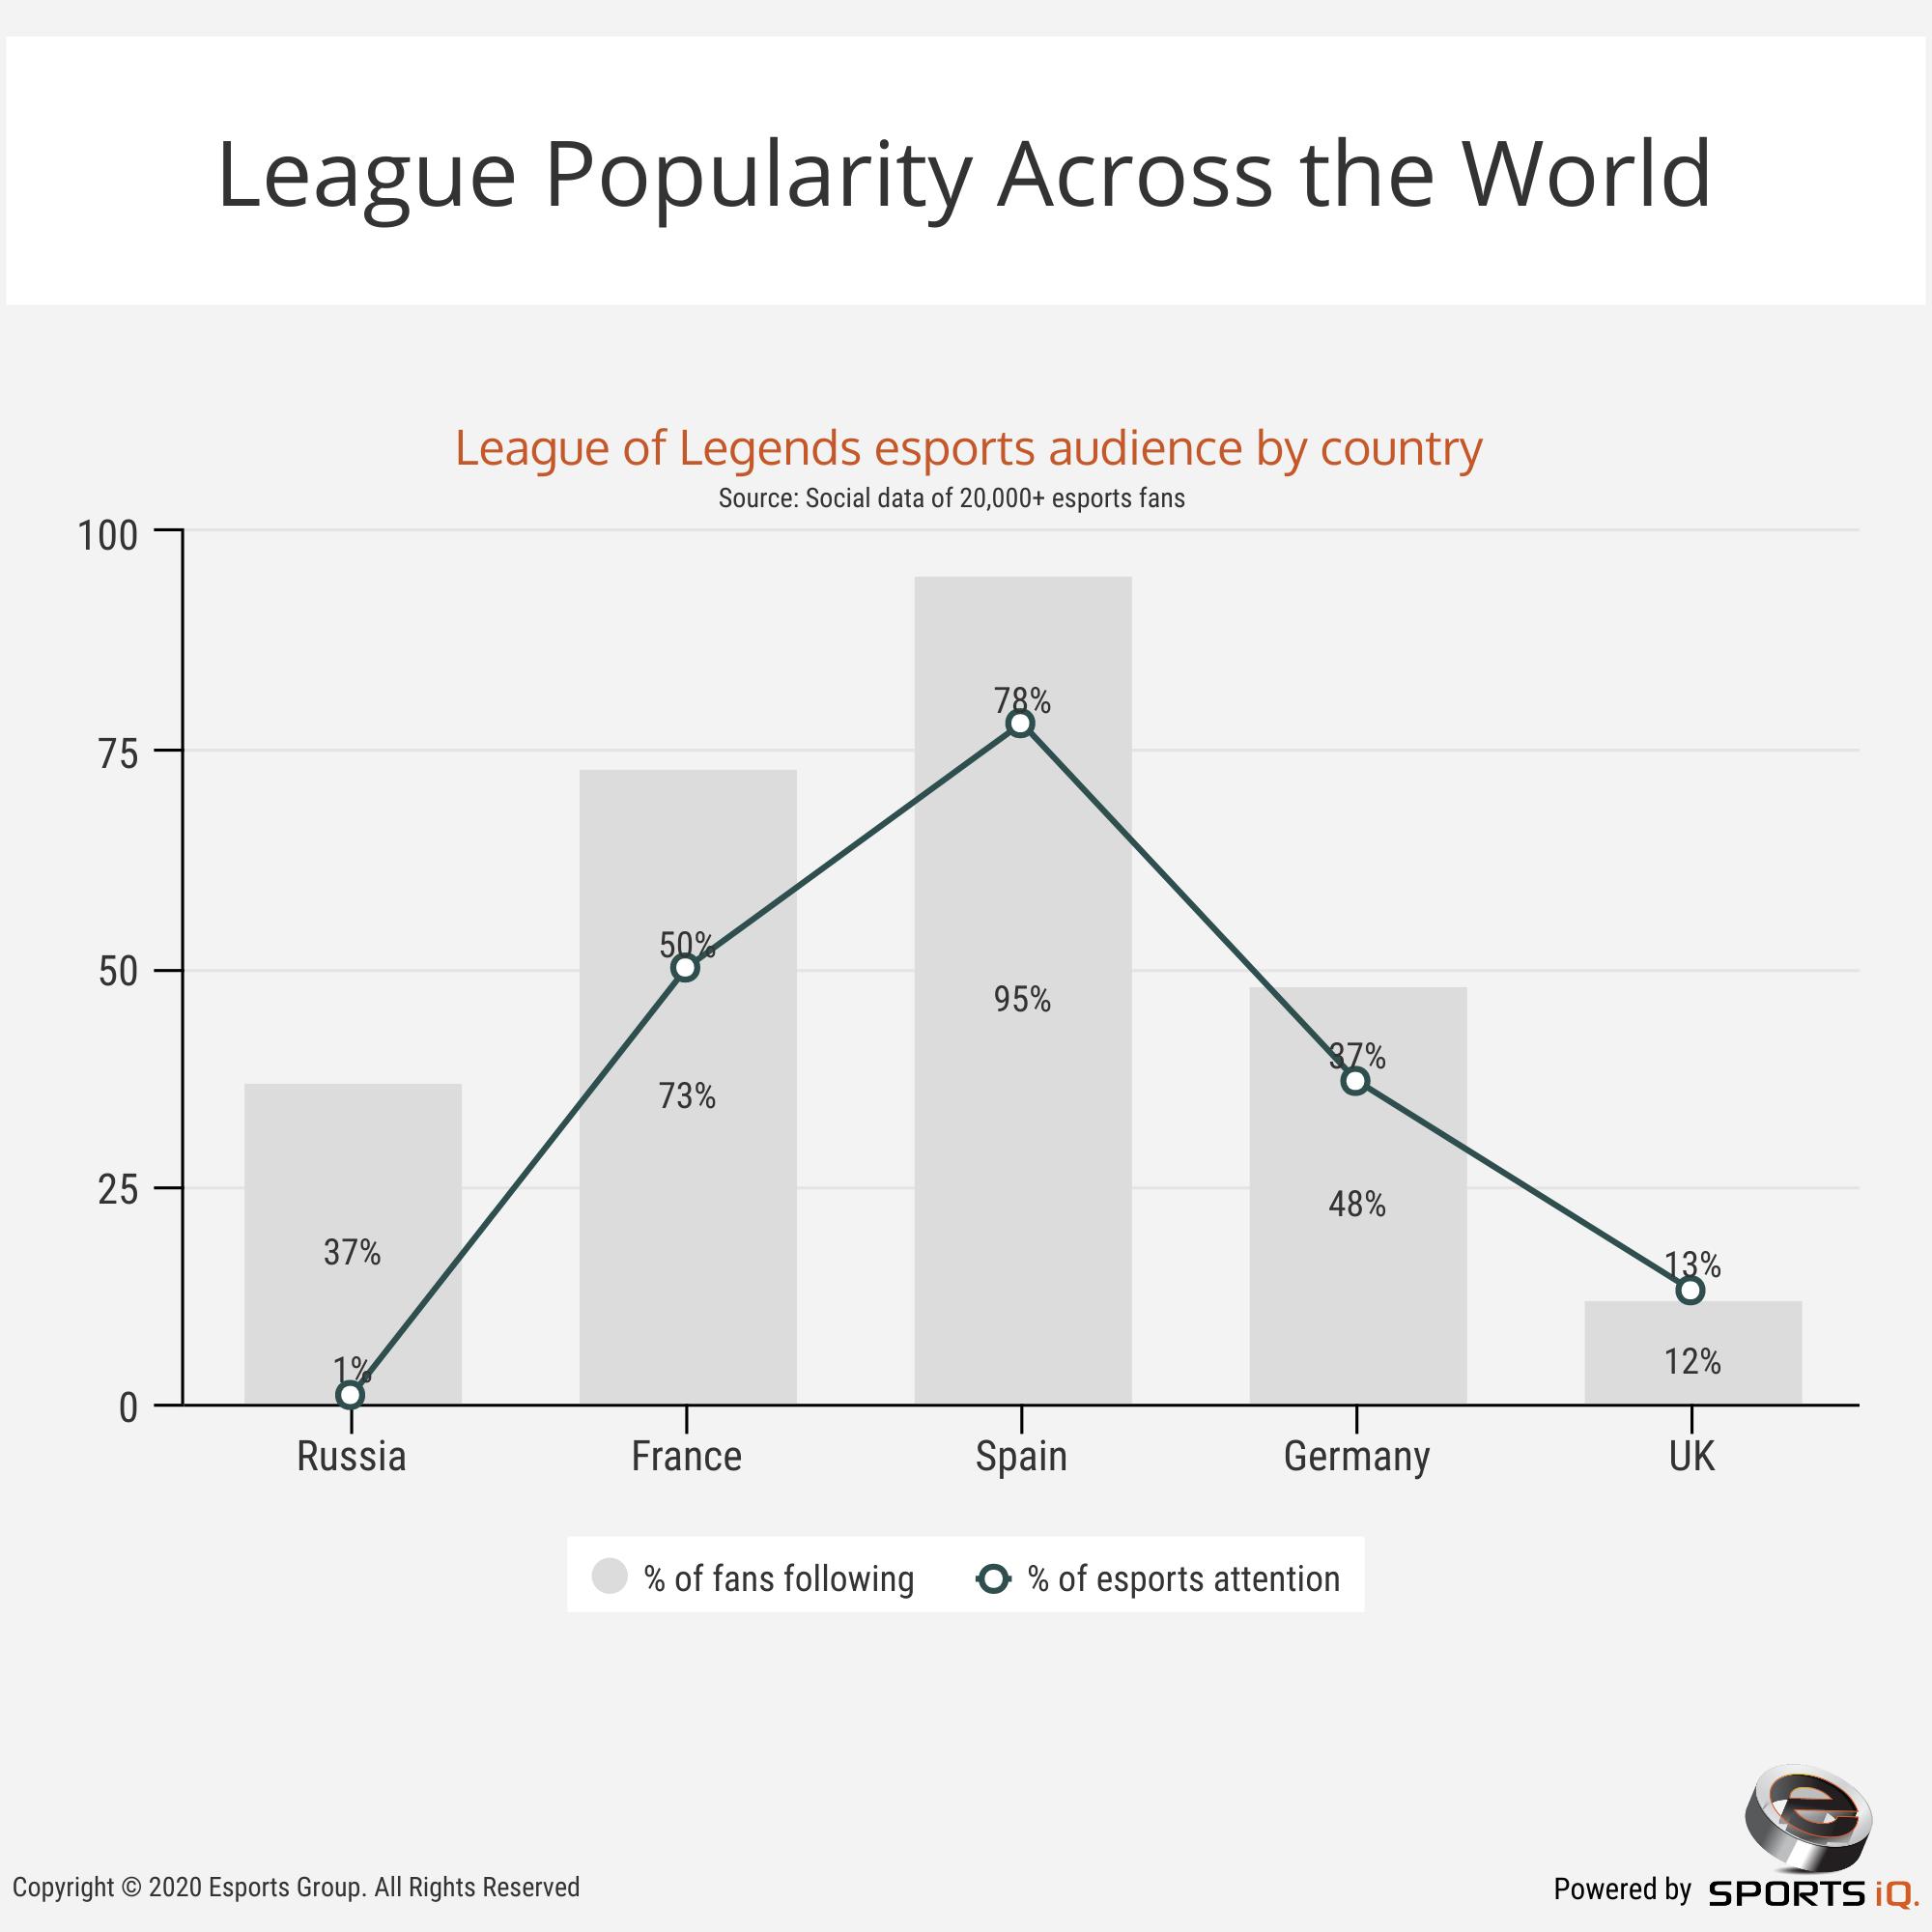 league populate across